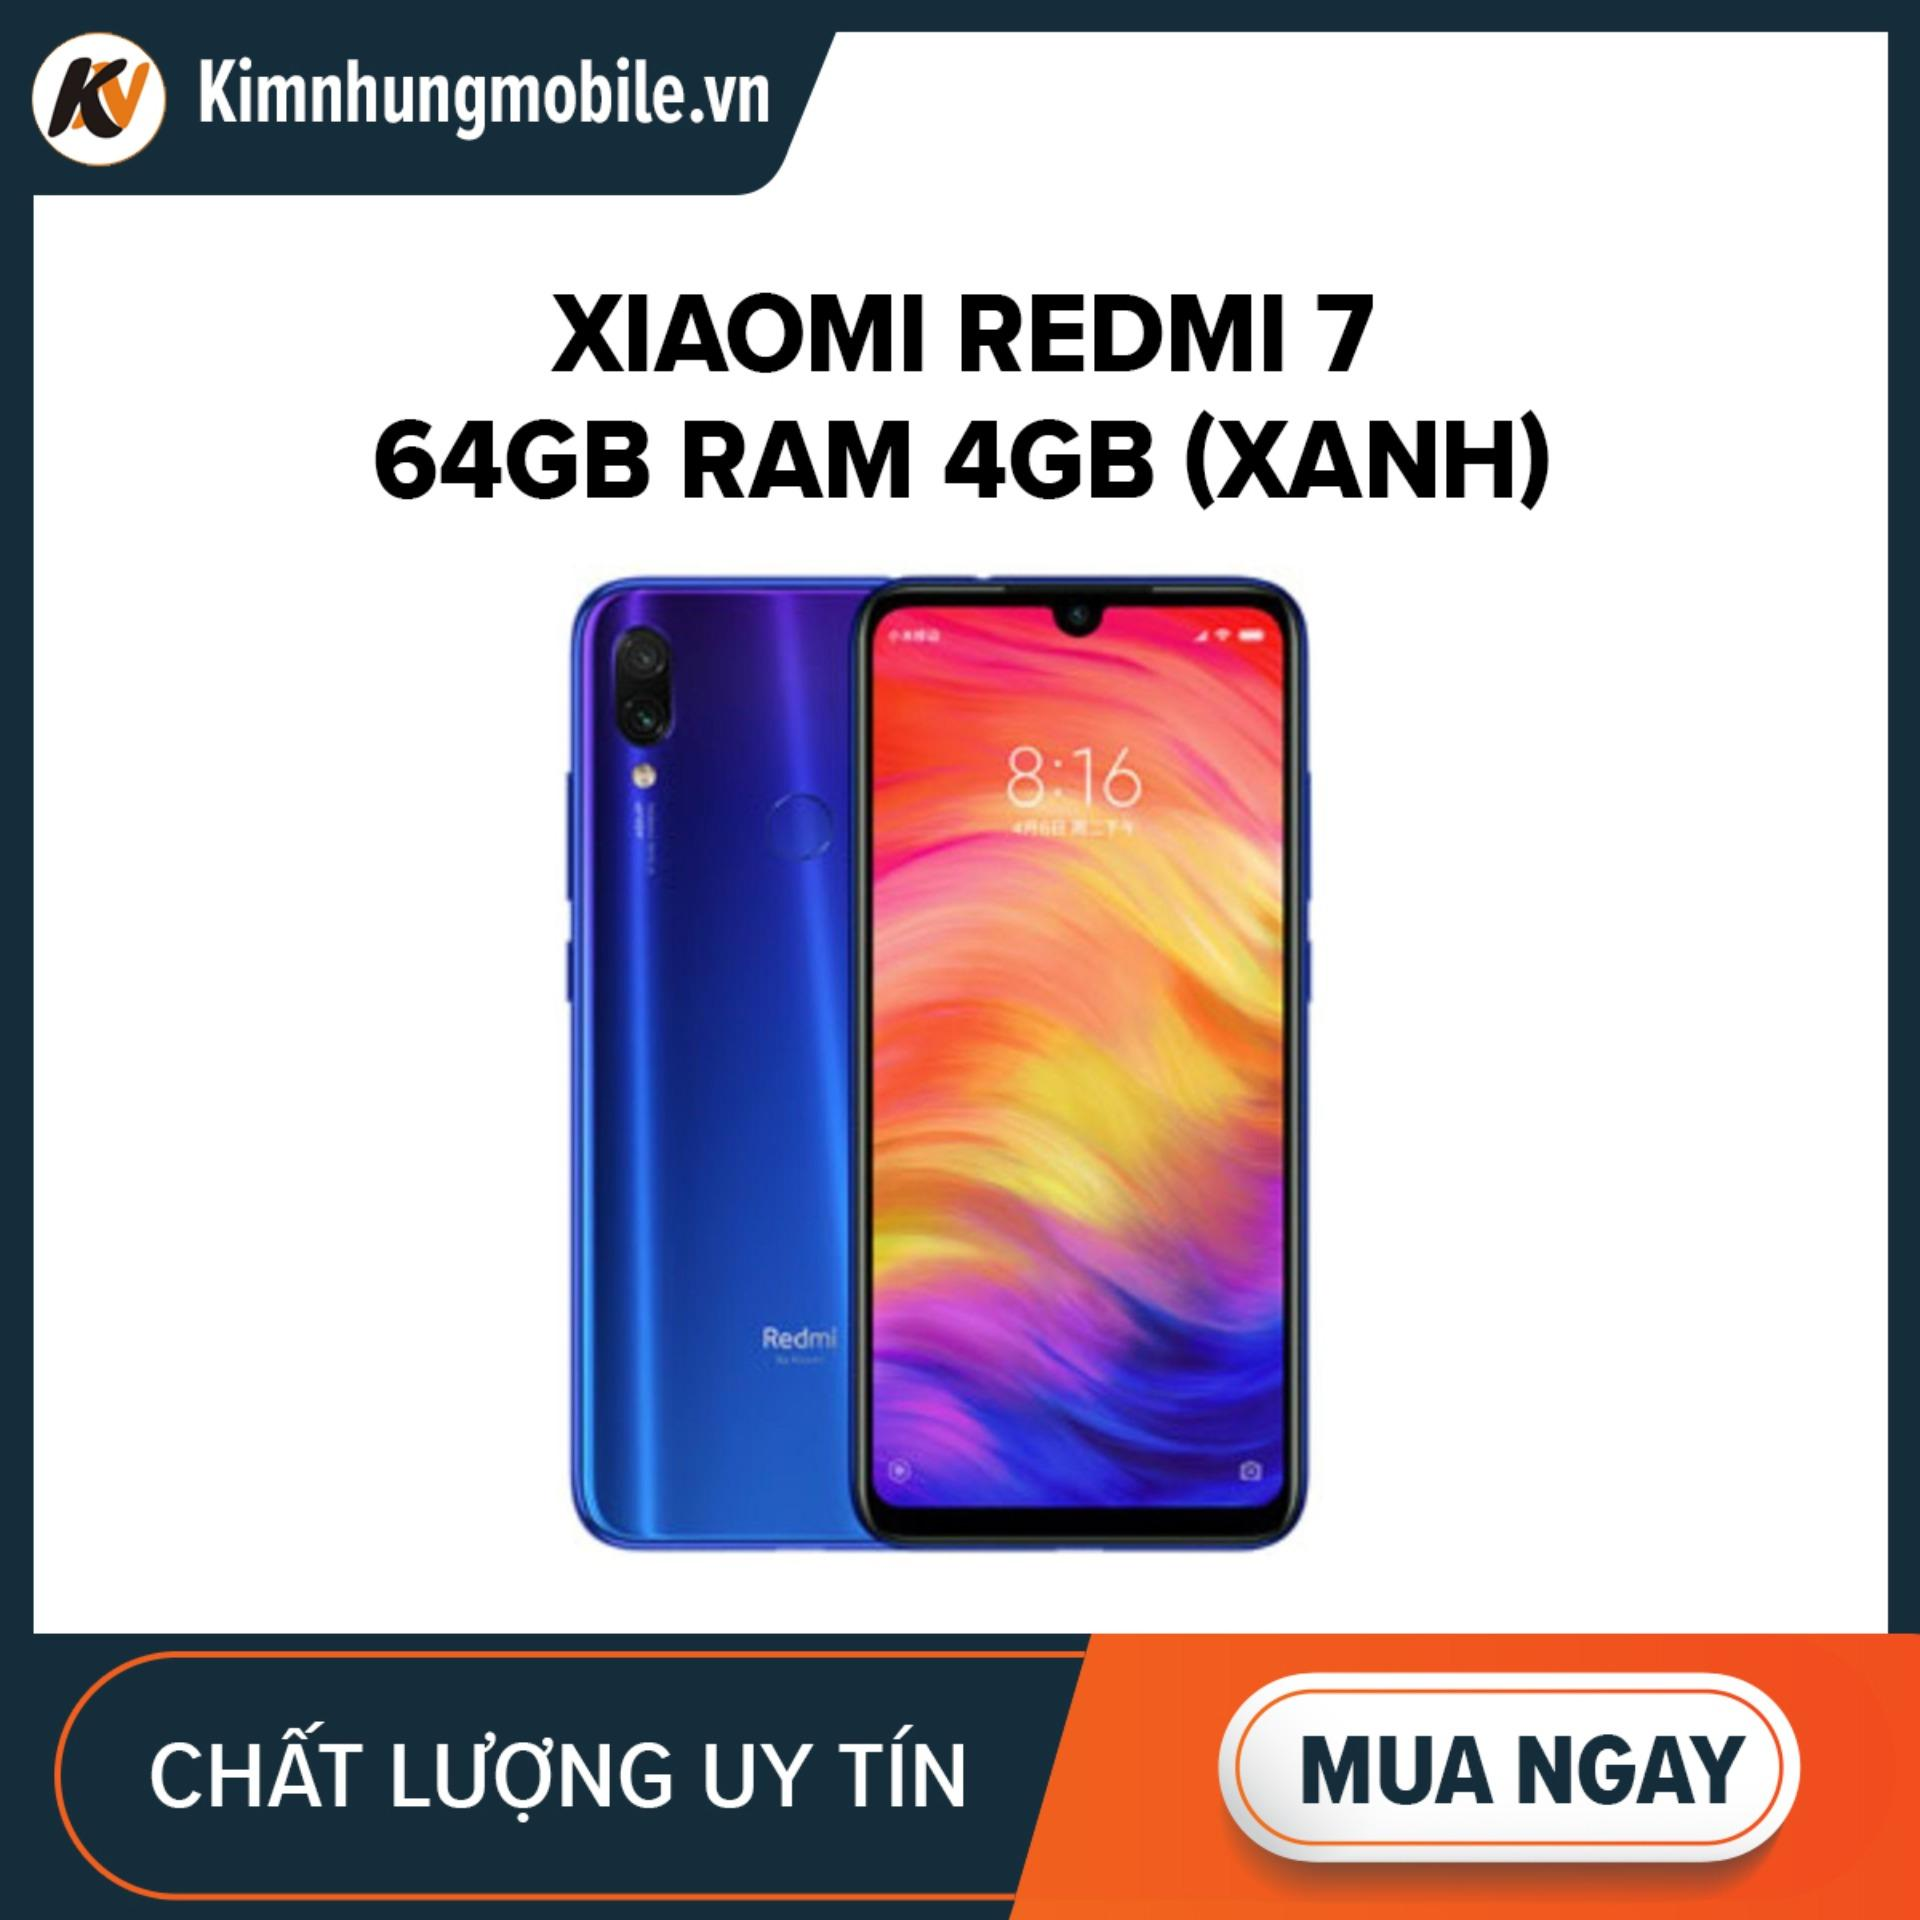 Xiaomi Redmi 7 64GB Ram 4GB KIm Nhung (Xanh) - Hàng nhập khẩu